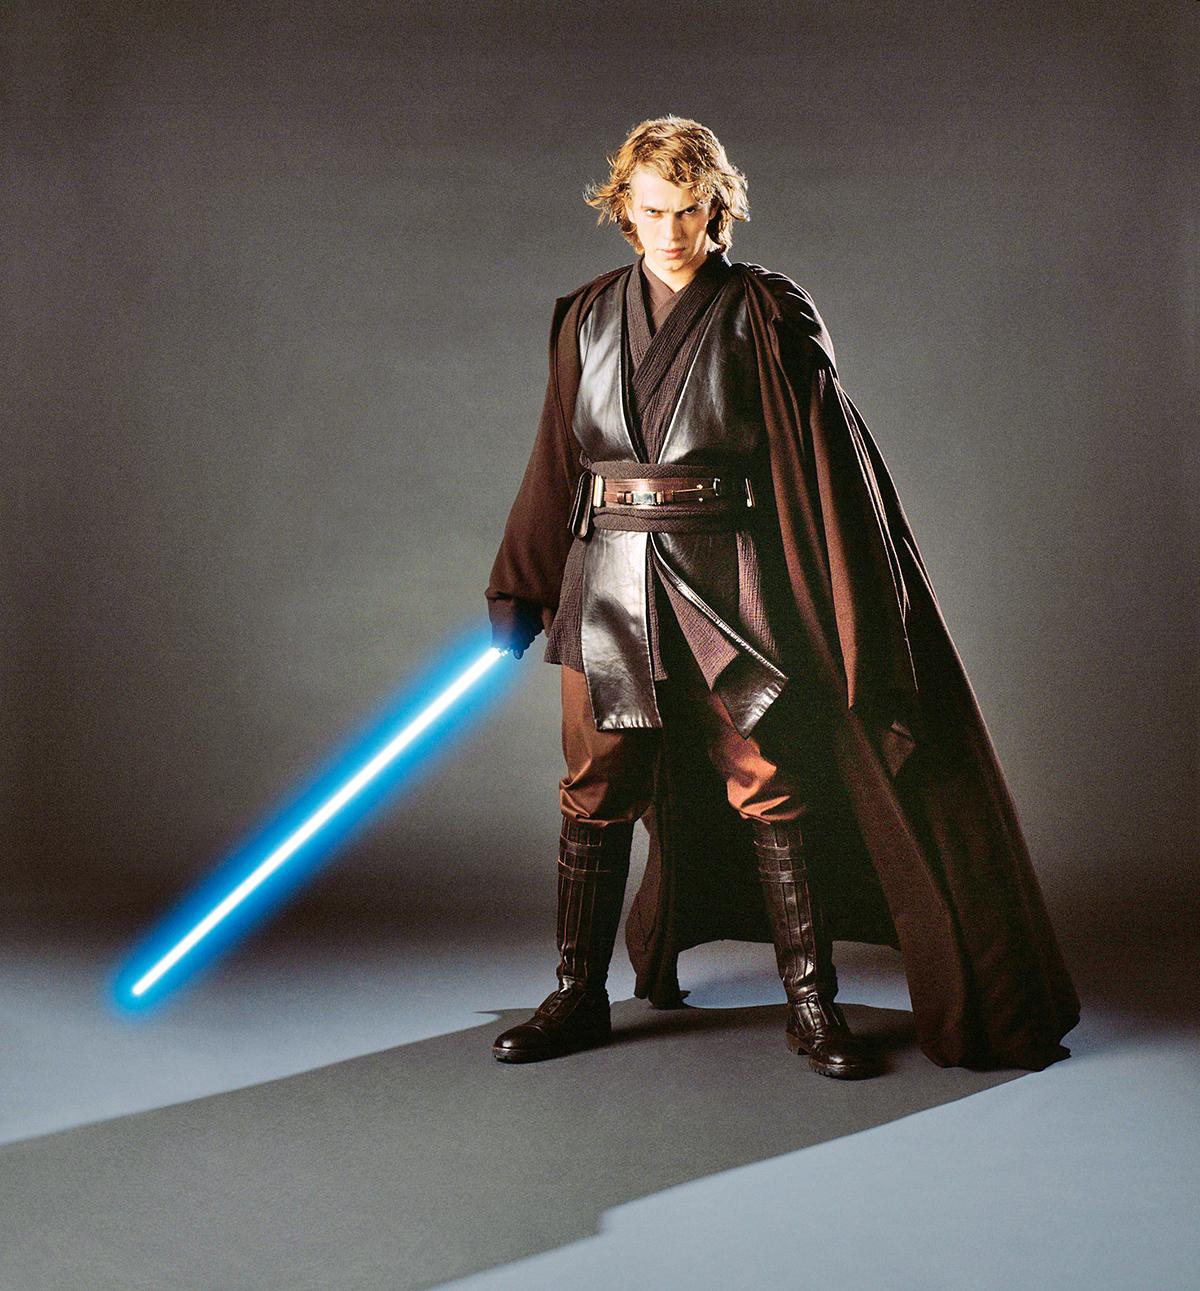 Anakin Skywalker, alias mladý Darth Vader. Ikdyž byl jeho představitel Hayden Christensen toporný, ohánět světelným mečem se uměl jako málokdo.